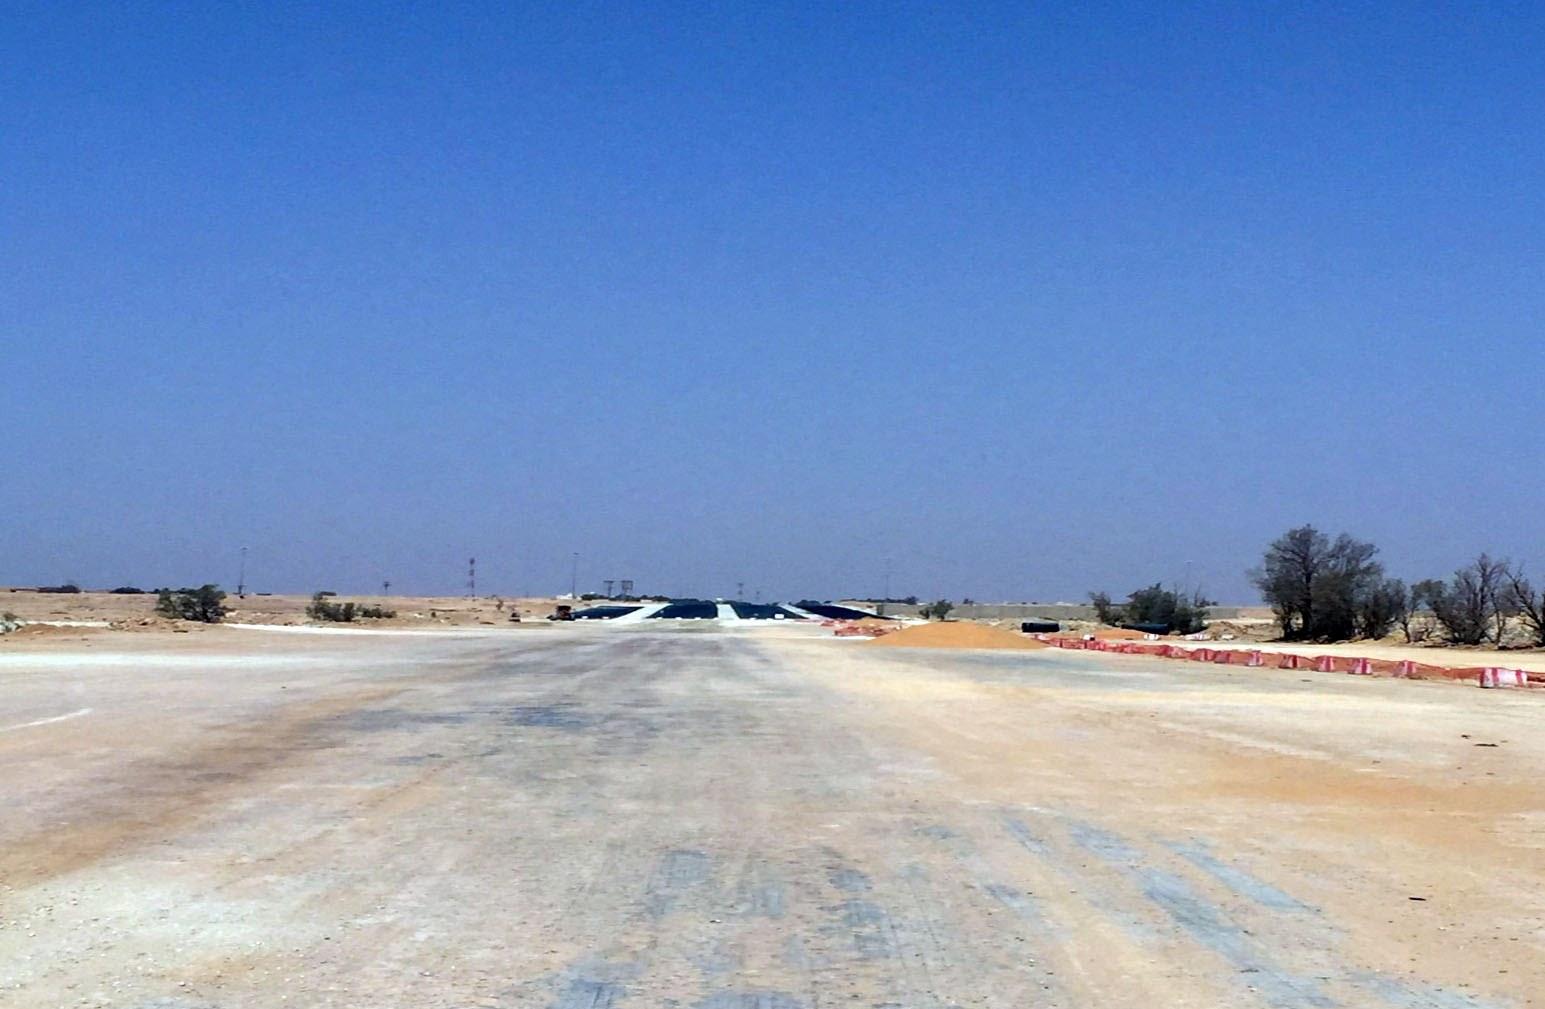 أمانة القصيم تنهي تنفيذ وتأهيل 83 كم من الطرق الهيكلية والرئيسية (1)